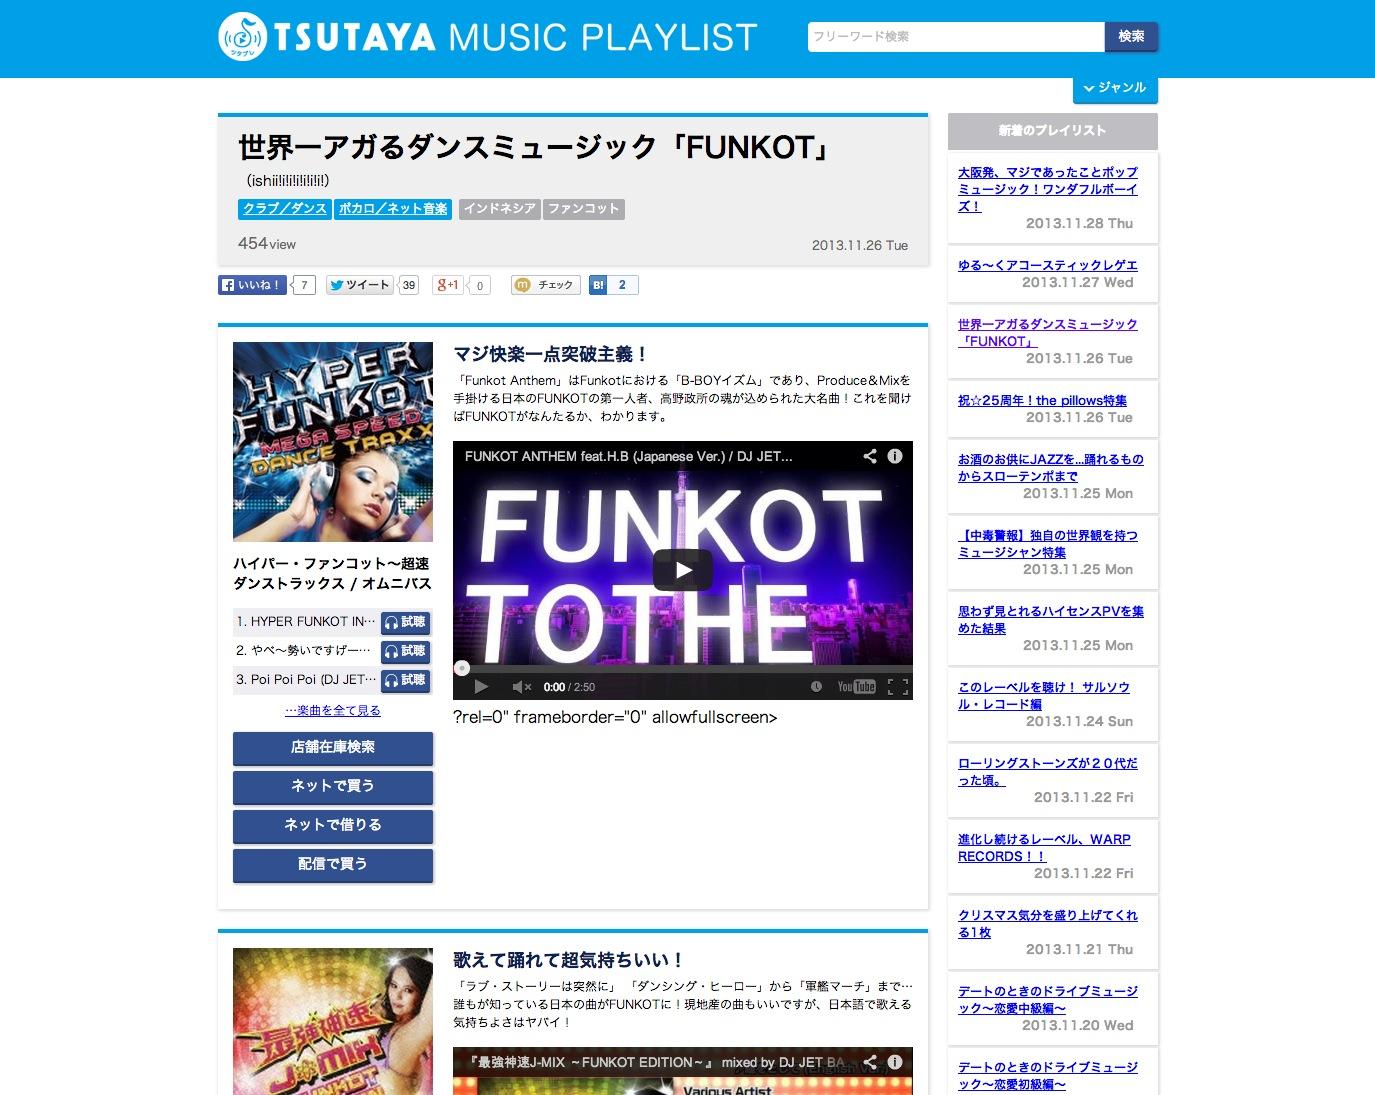 オムニバス   世界一アガるダンスミュージック「FUNKOT」   考えないで感じる MUSIC PLAYLIST ツタプレ